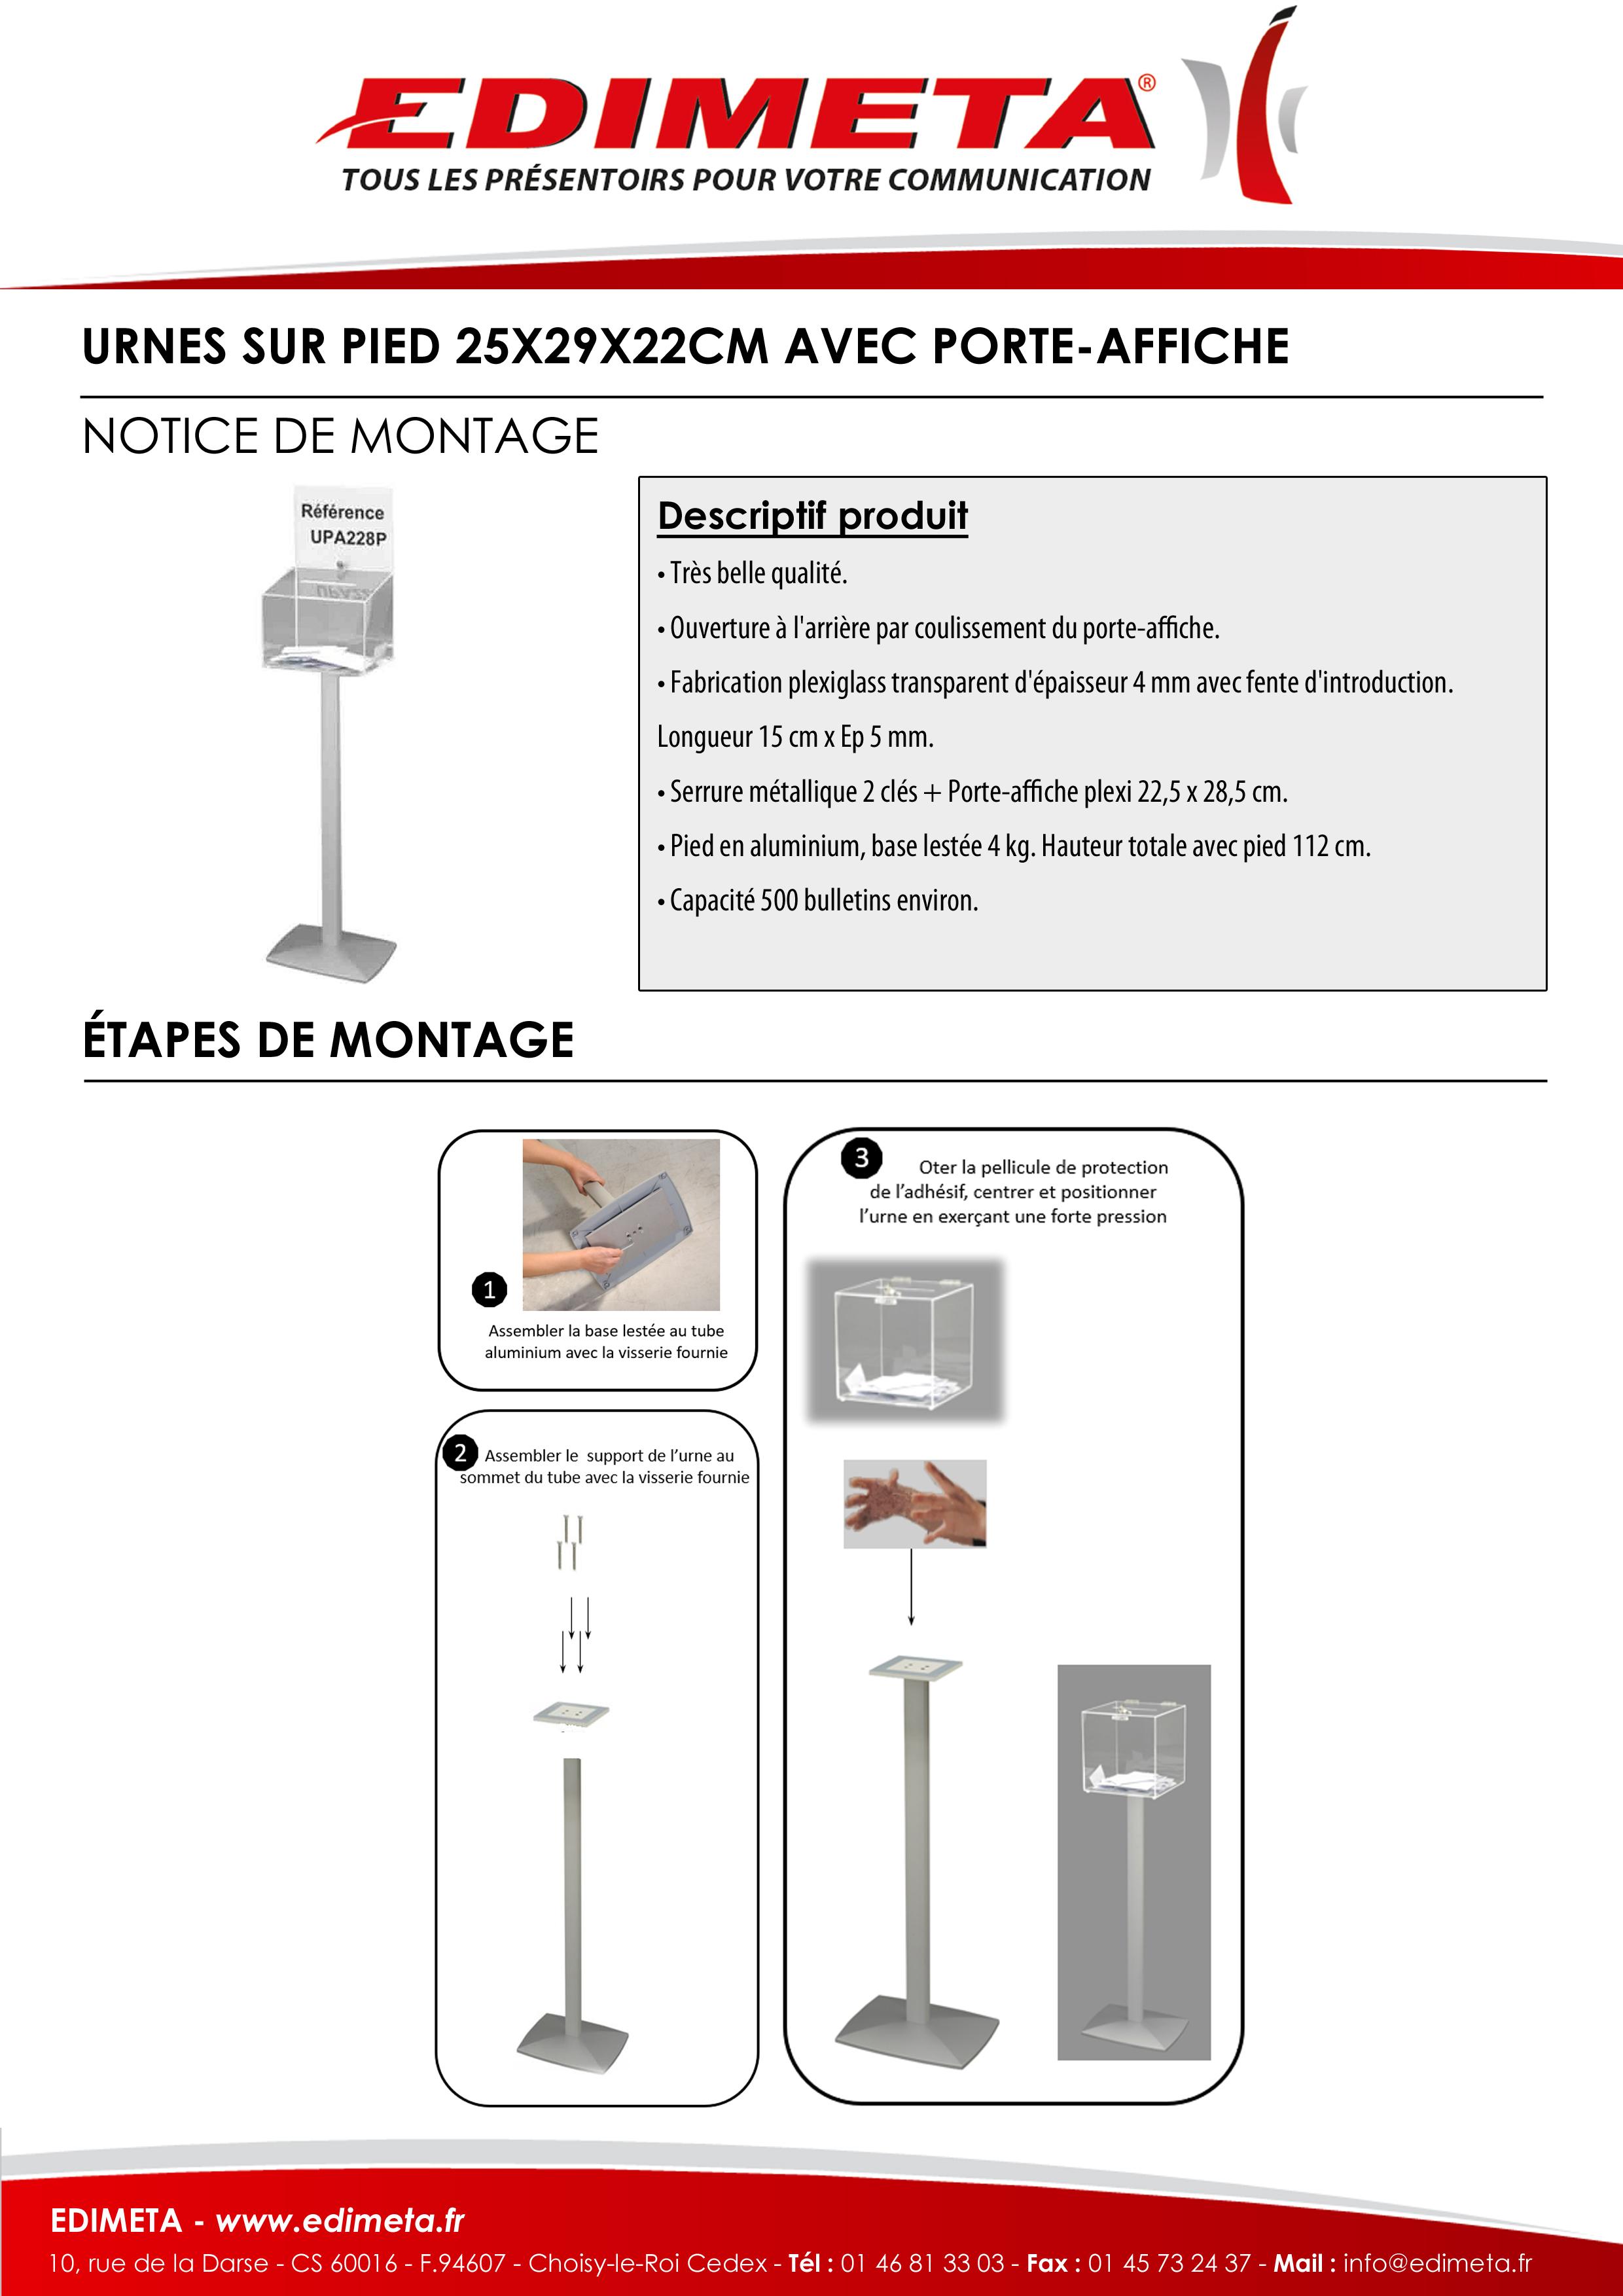 NOTICE DE MONTAGE : URNES SUR PIED 25X29X22CM AVEC PORTE-AFFICHE